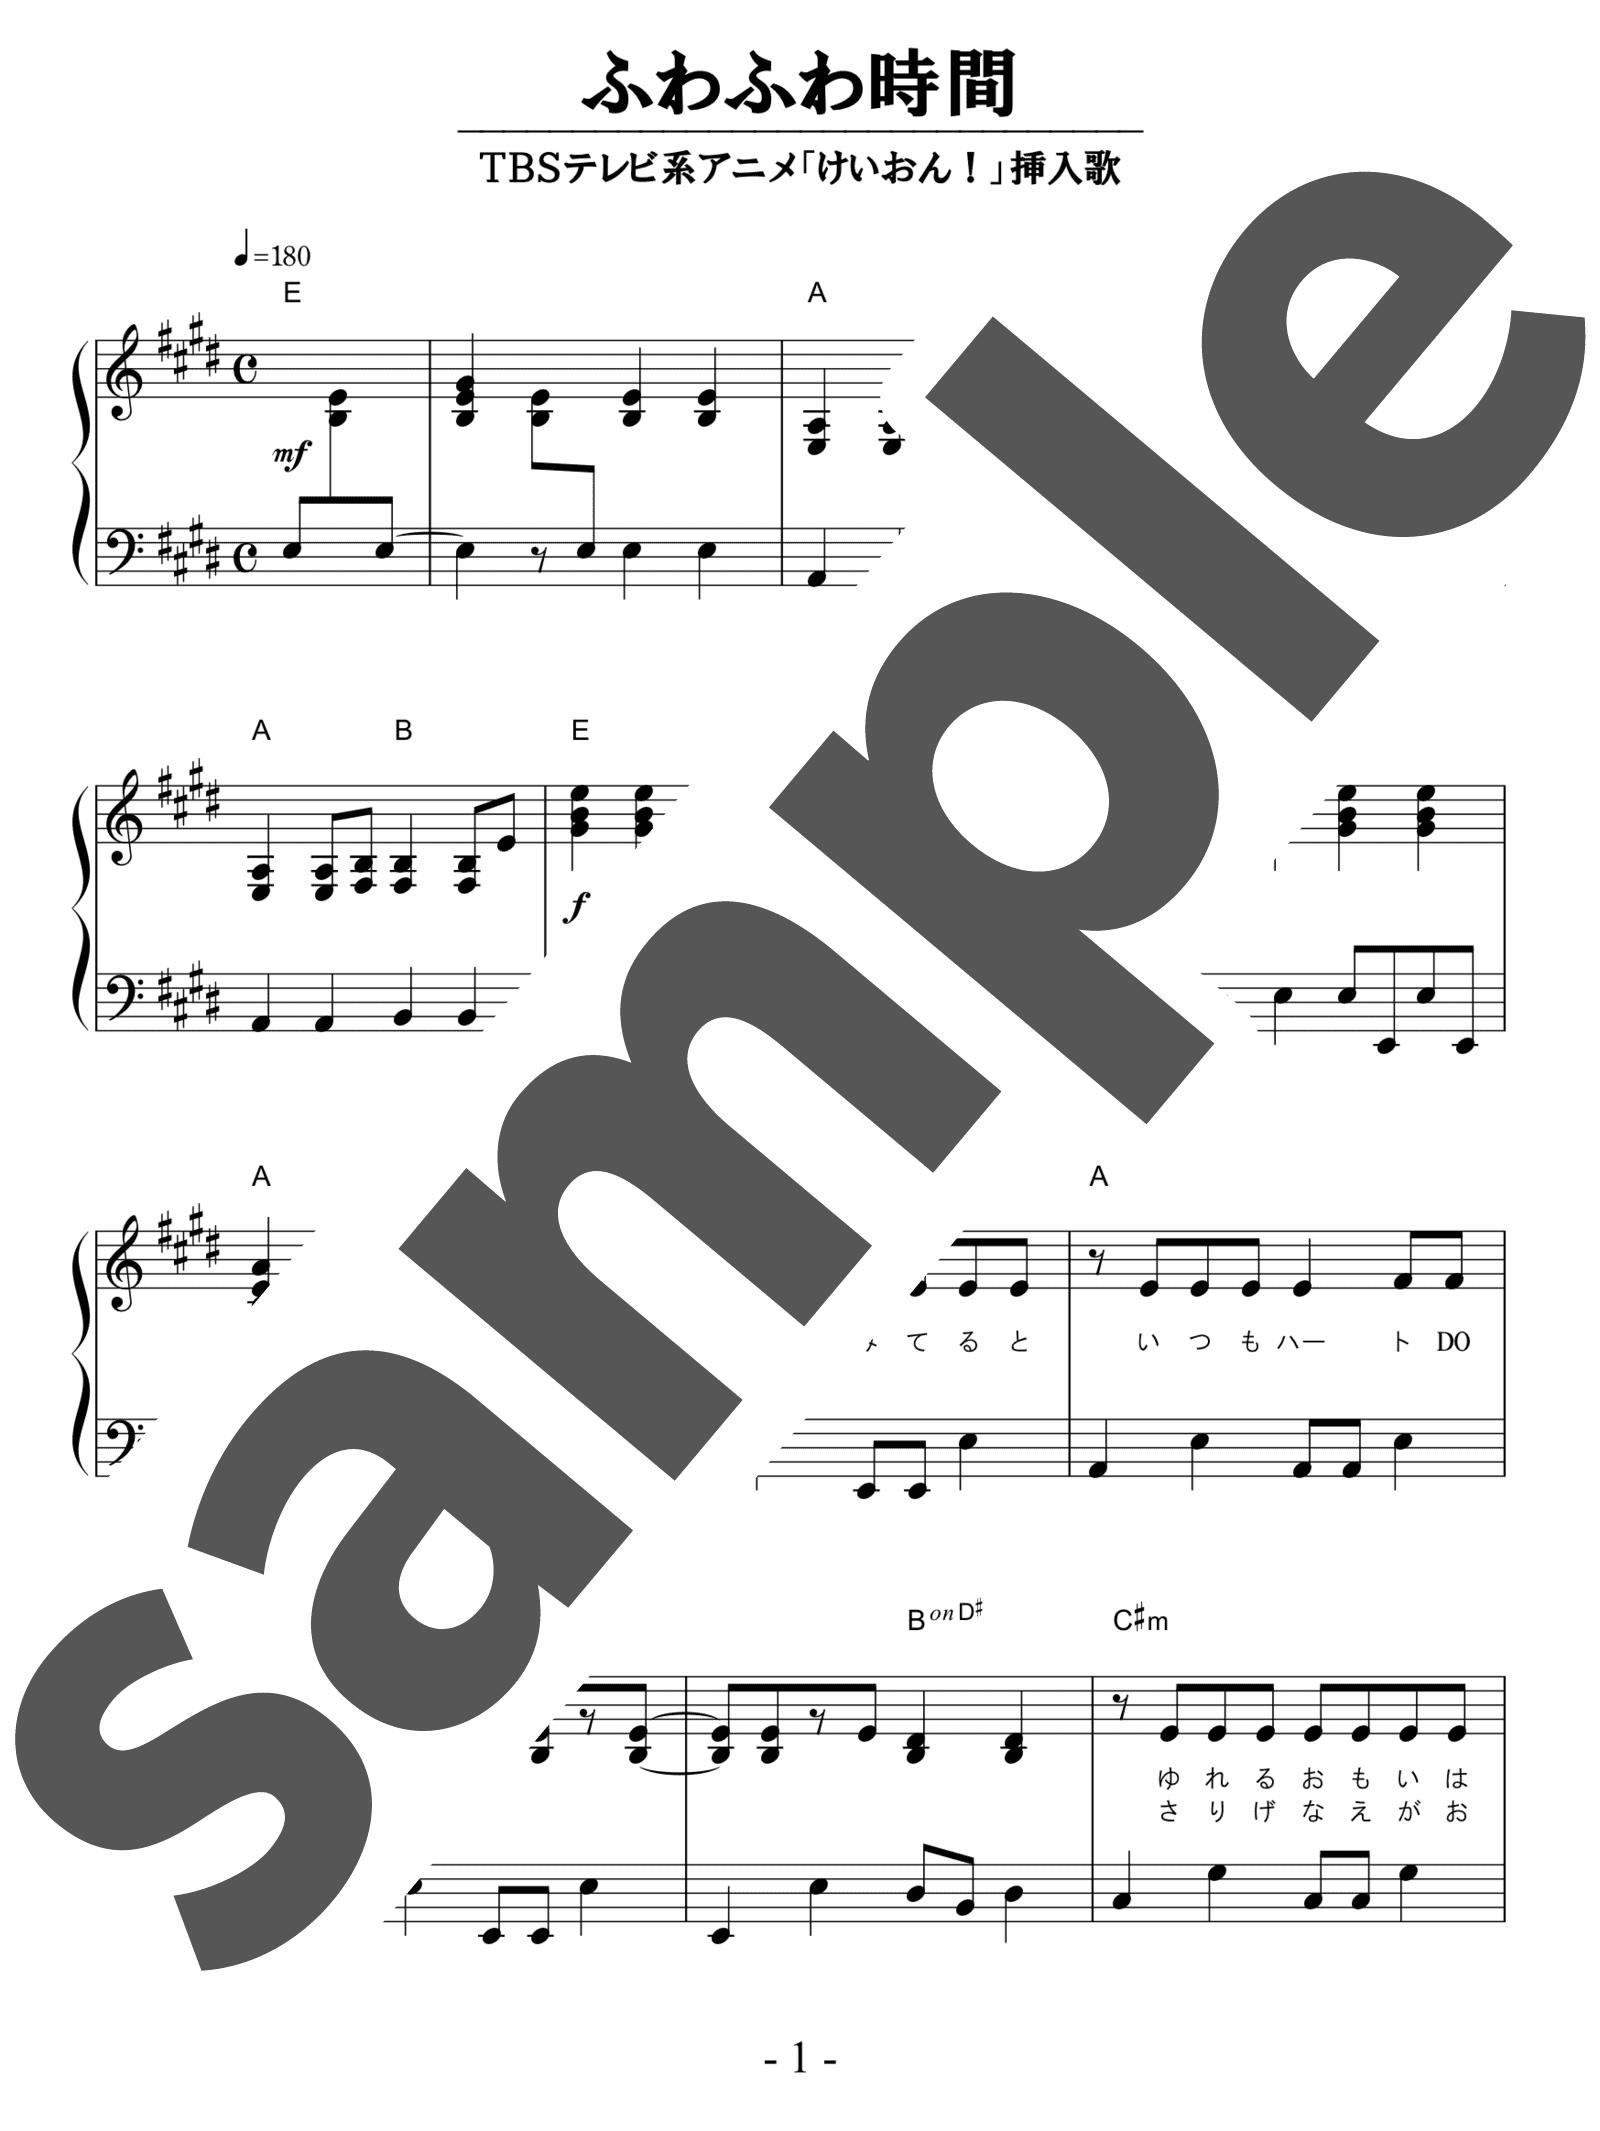 「ふわふわ時間」のサンプル楽譜